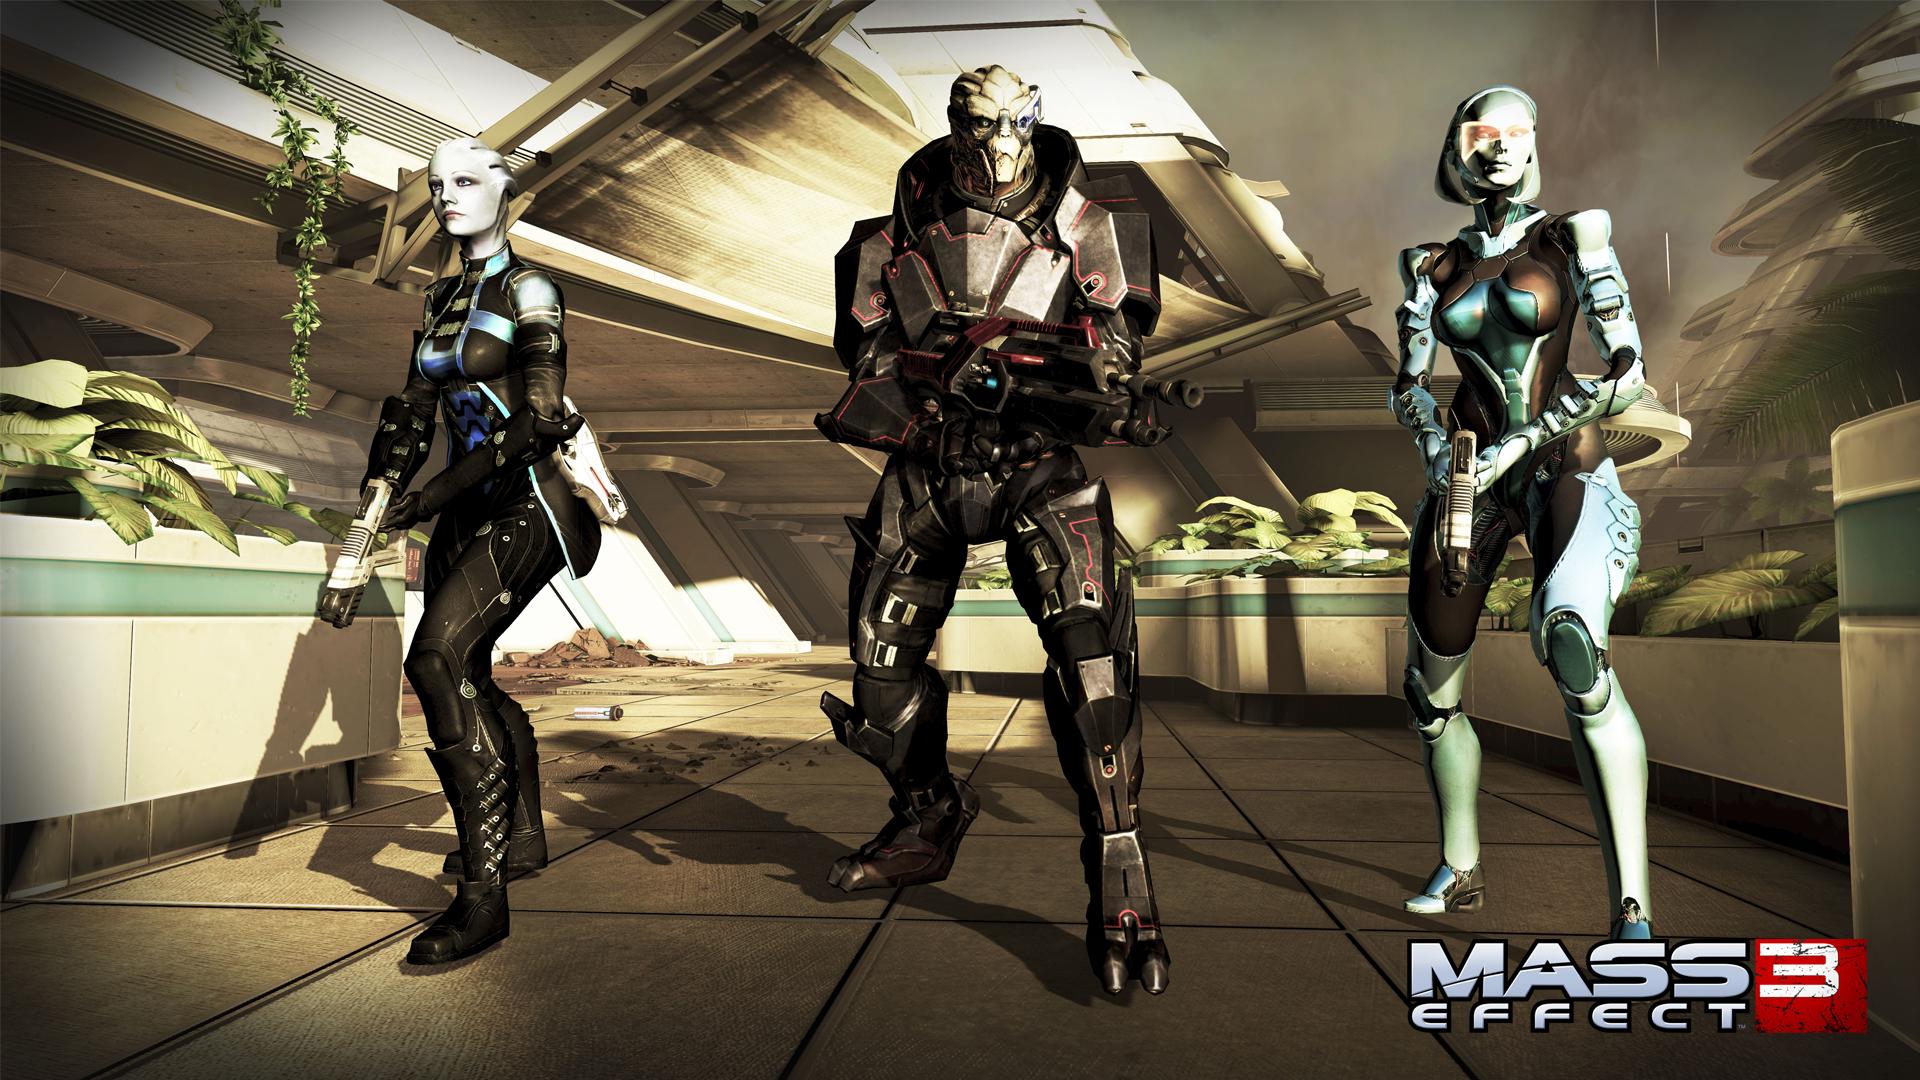 c6a5329d0 Mass Effect 3 Alternate Appearance Pack – BioWare Blog